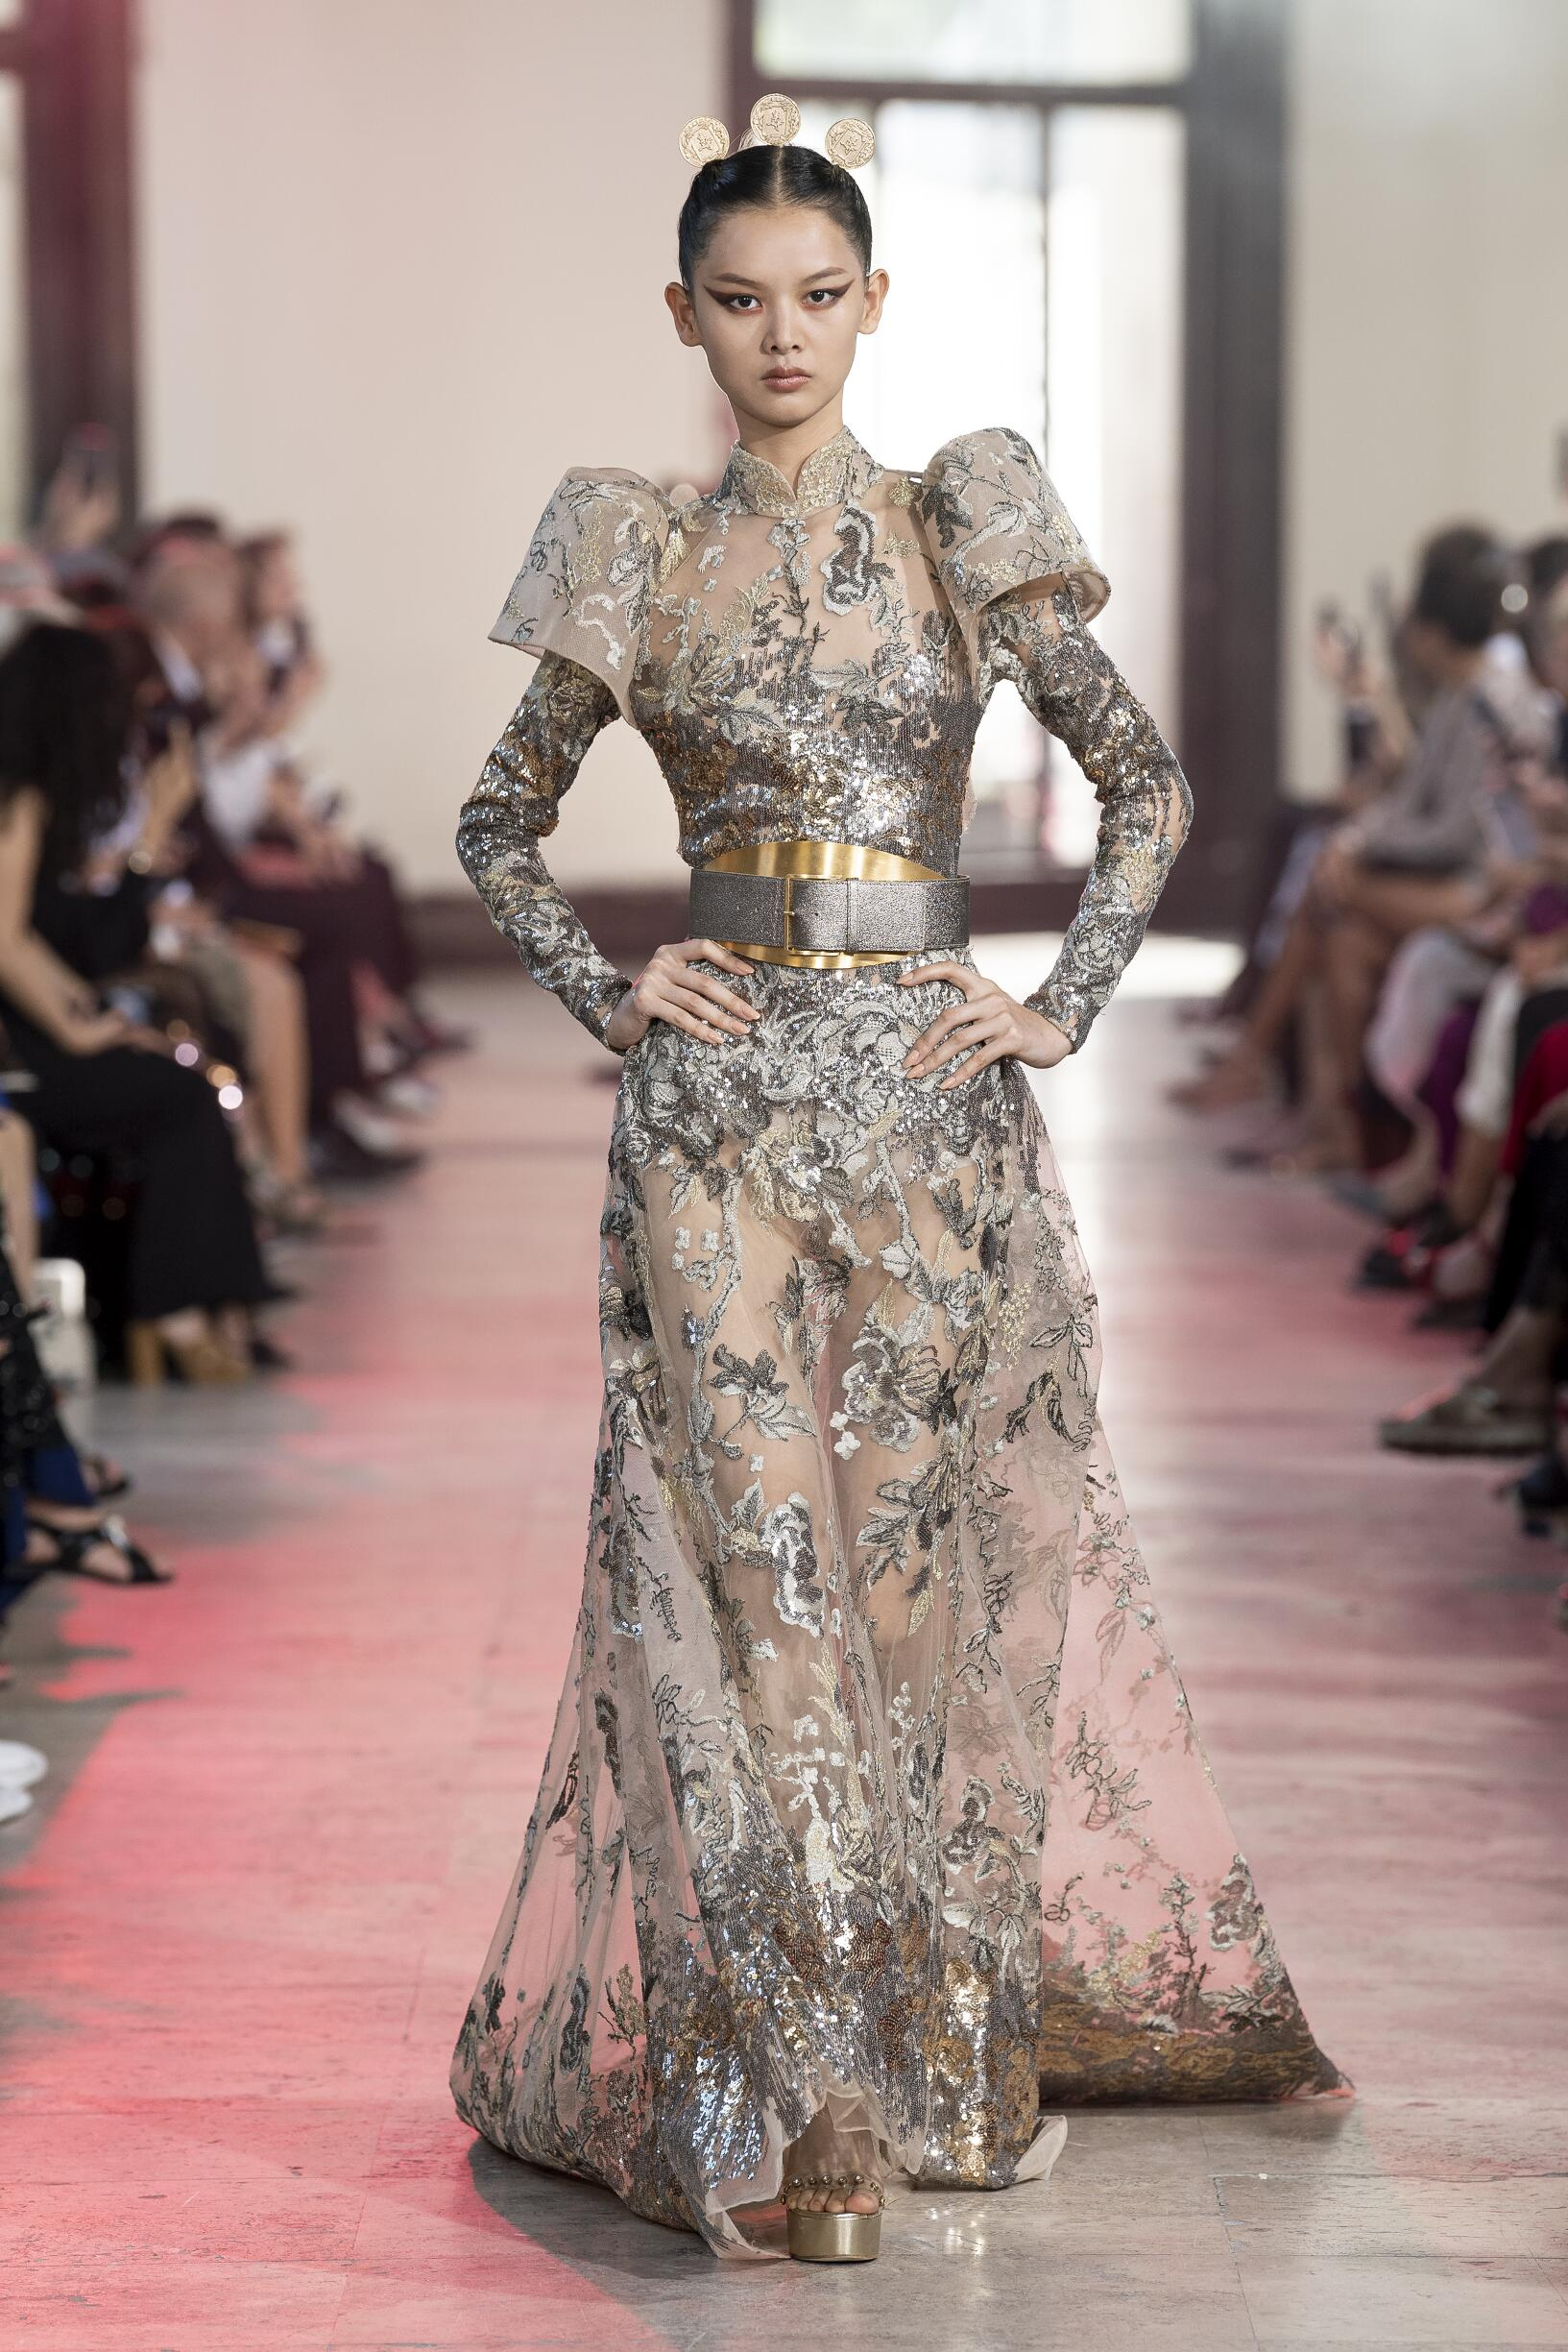 Fashion Model Elie Saab Haute Couture Catwalk